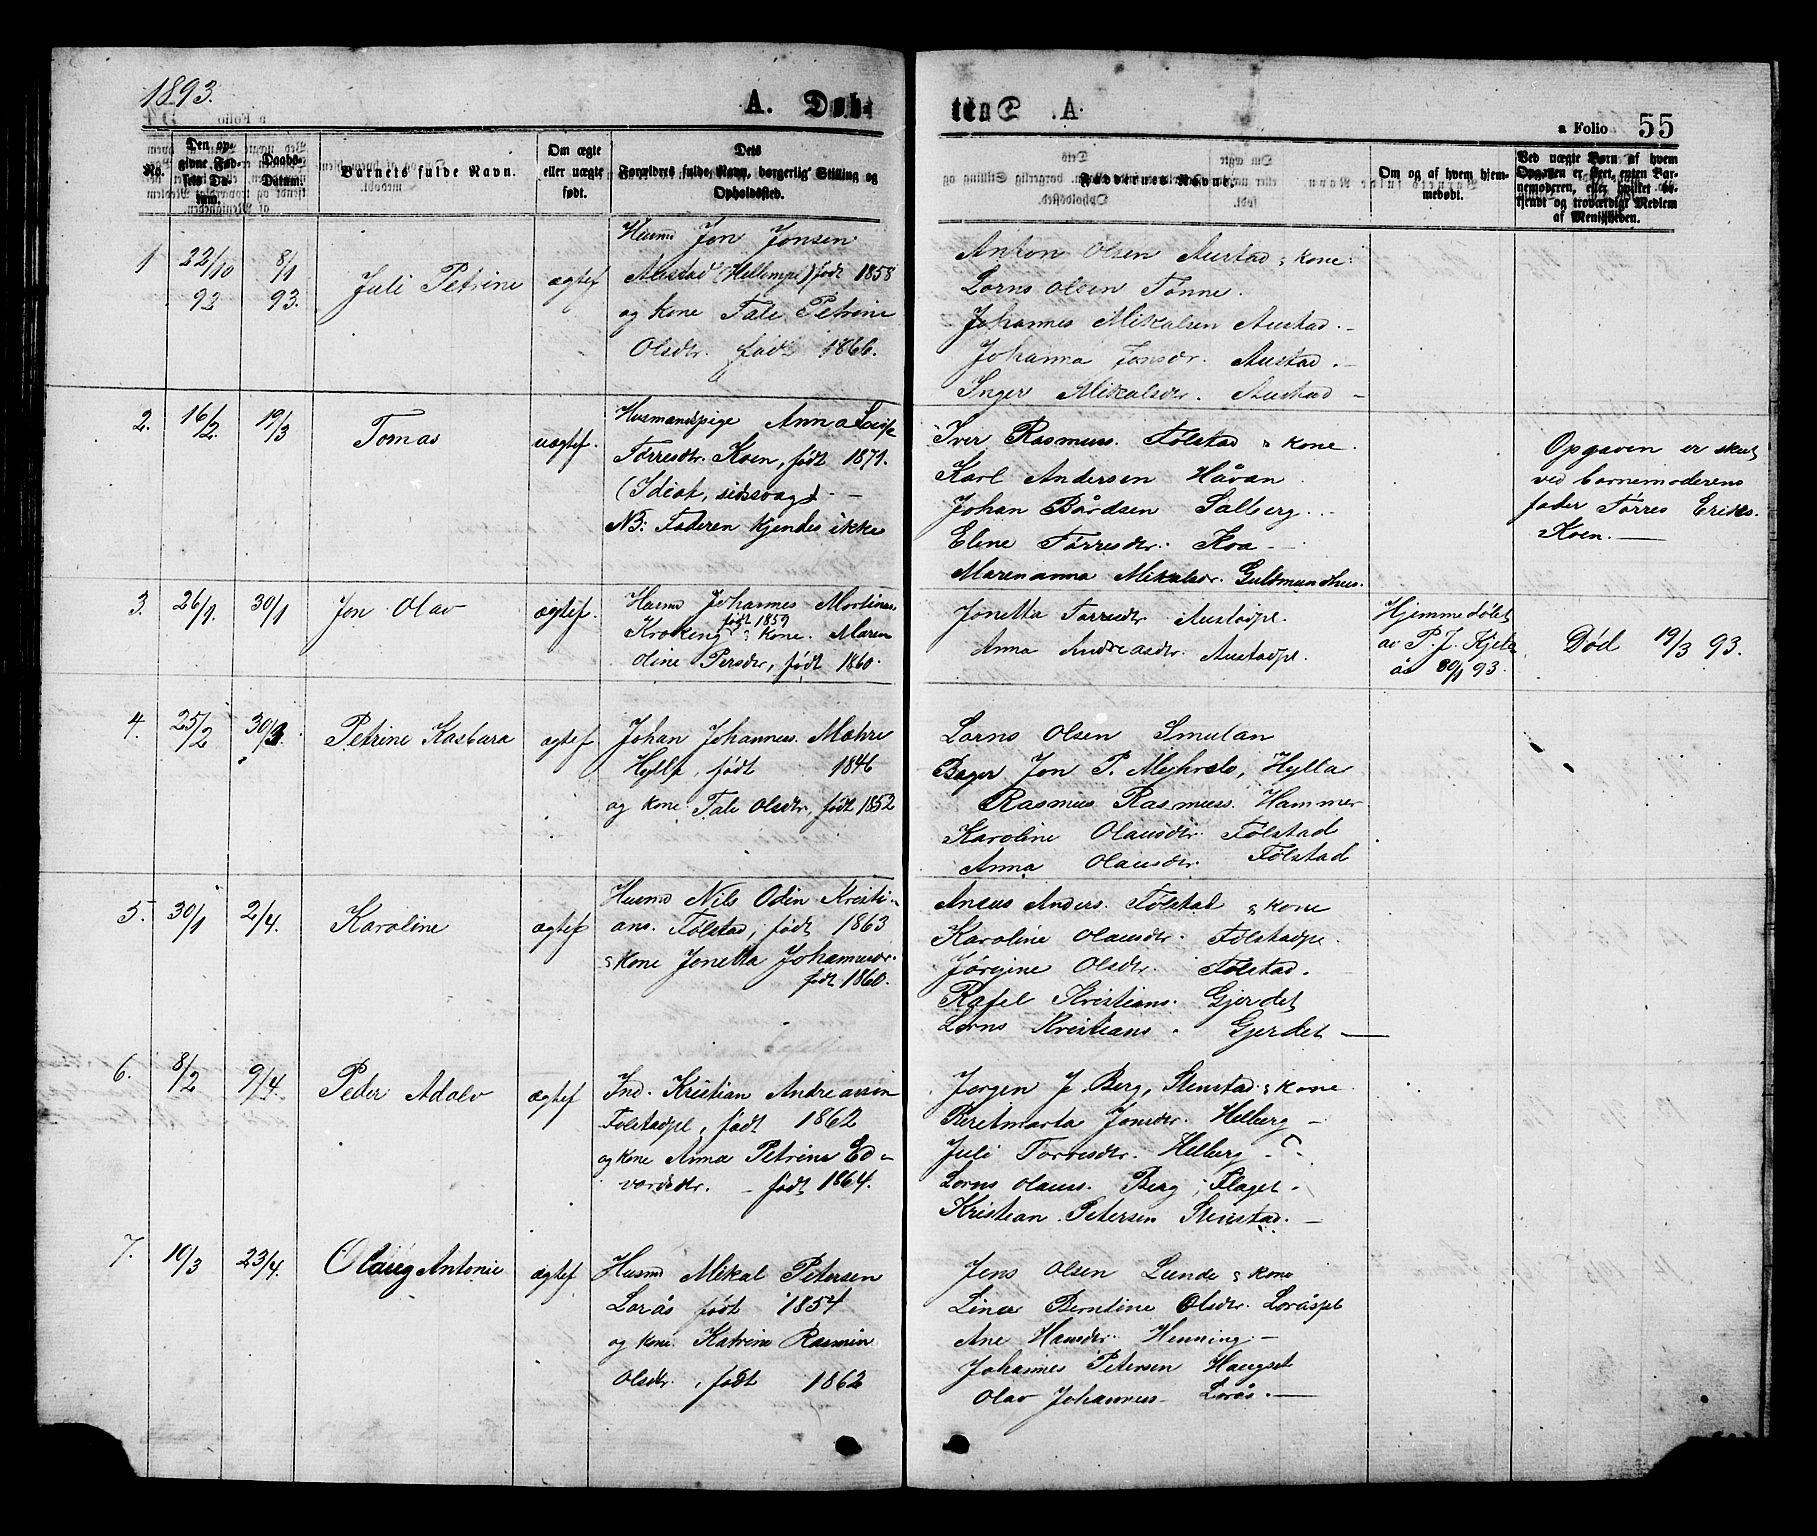 SAT, Ministerialprotokoller, klokkerbøker og fødselsregistre - Nord-Trøndelag, 731/L0311: Klokkerbok nr. 731C02, 1875-1911, s. 55